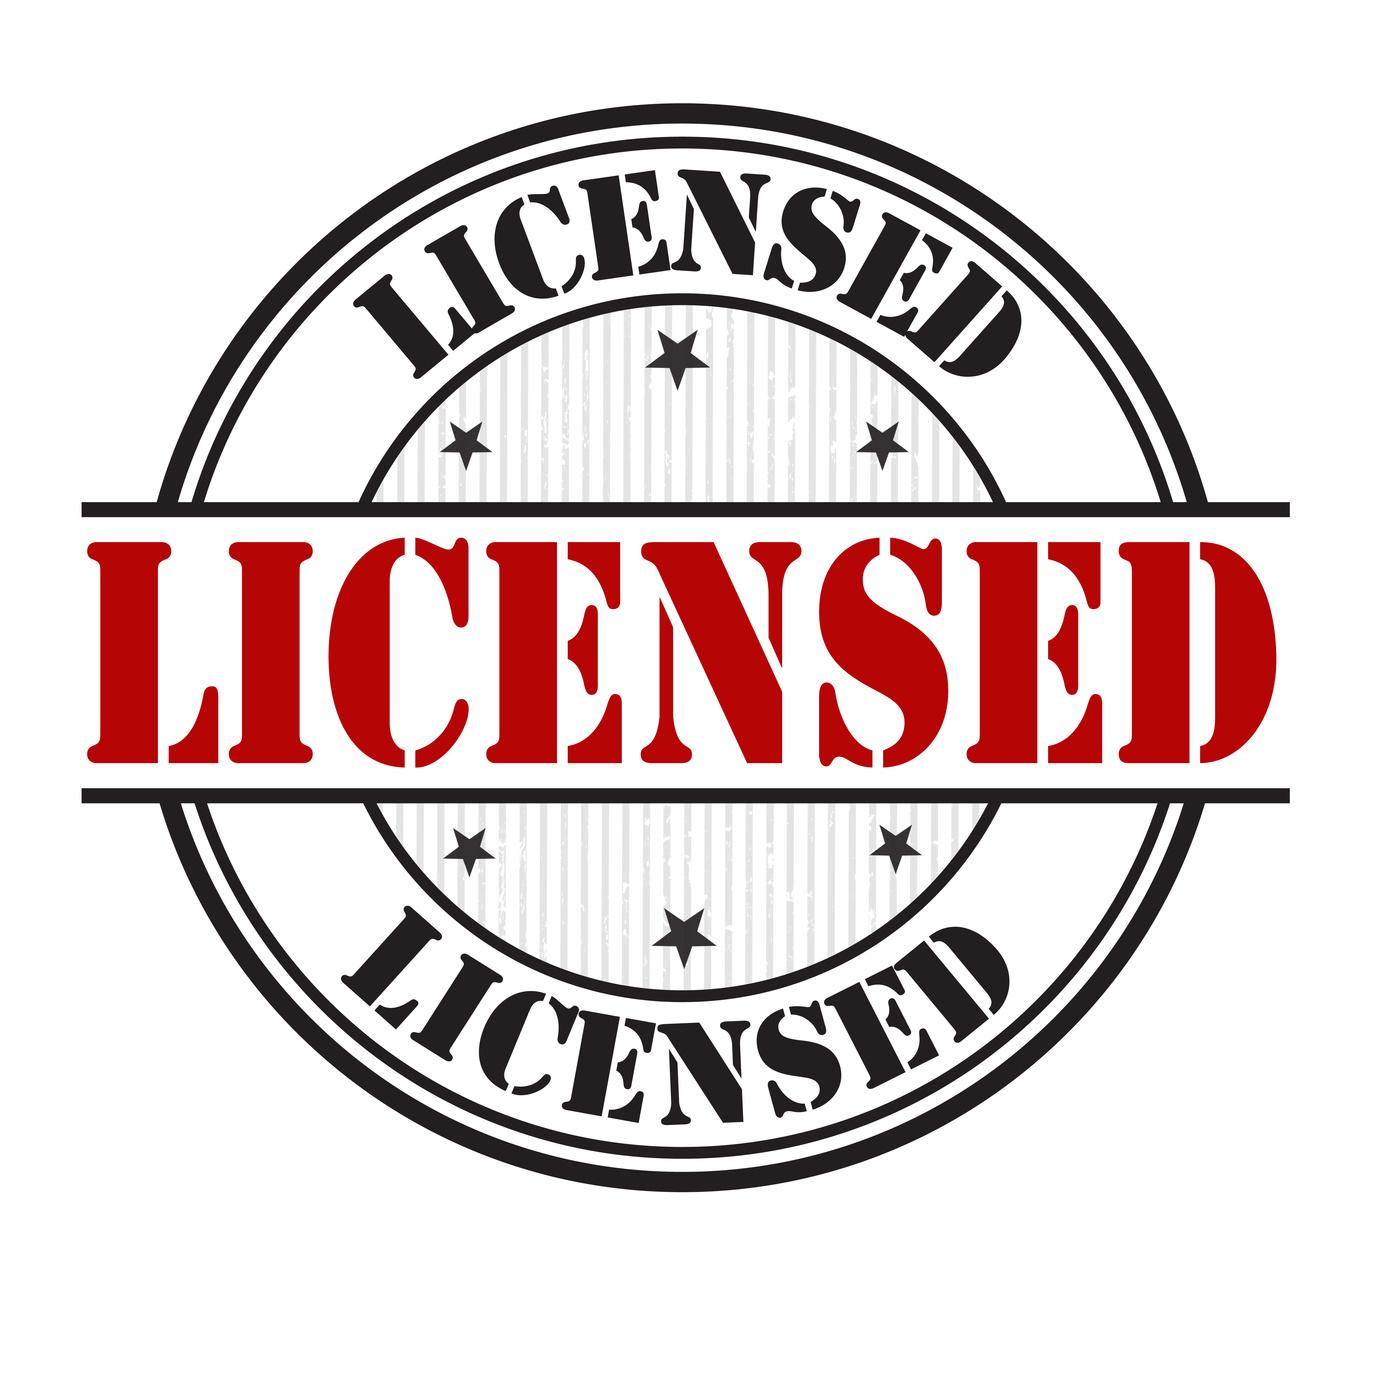 Licensed sign or stamp